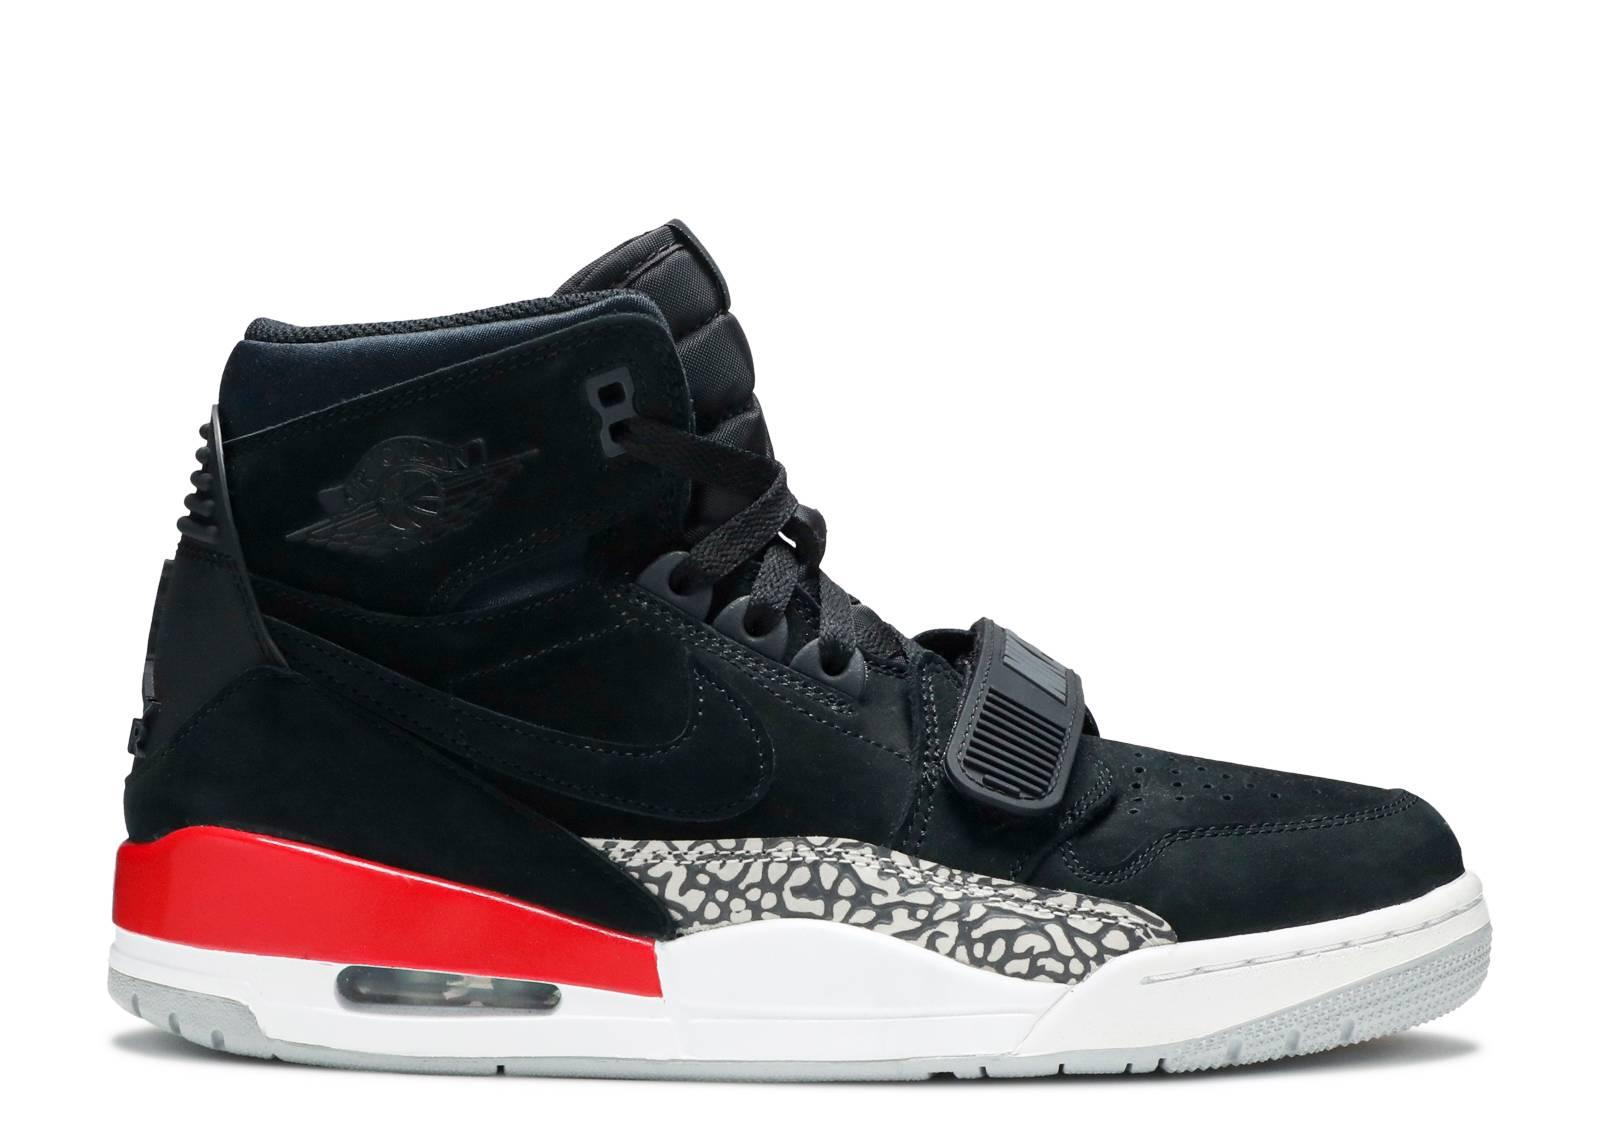 timeless design 20e42 8ee43 Other Jordans - Air Jordans   Flight Club